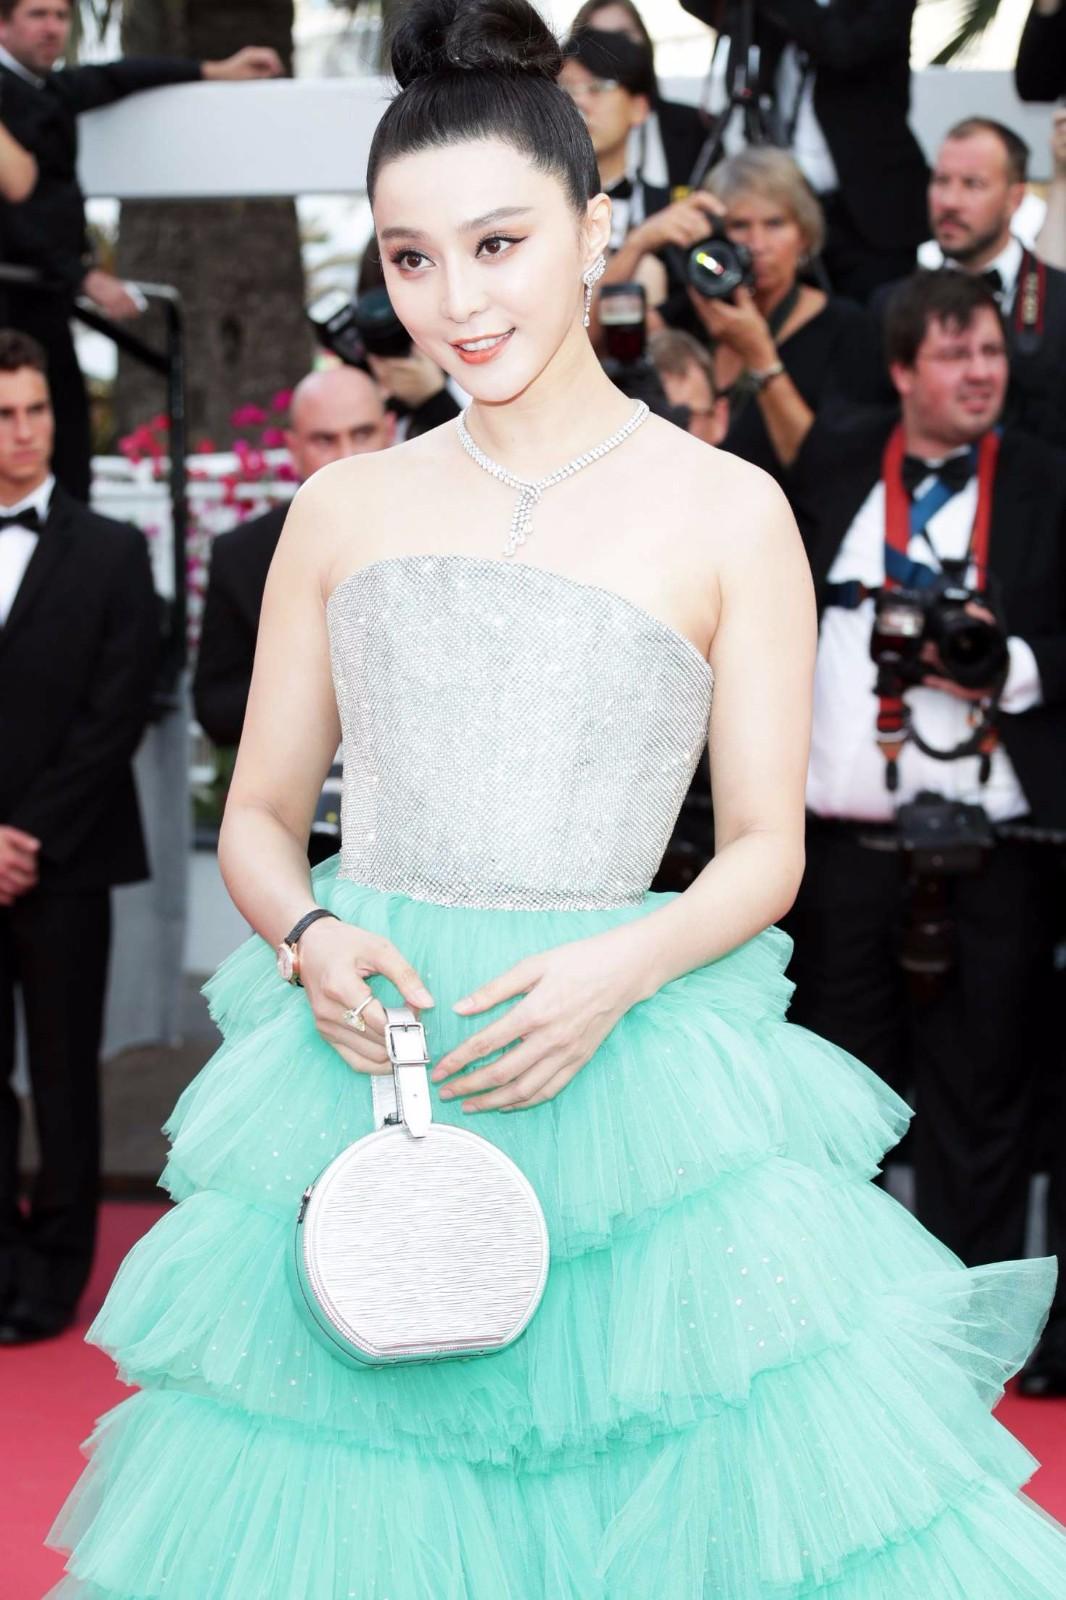 范冰冰打扮戛纳电影节,她出席得很精致,一成为就亮相青春期4电影图片